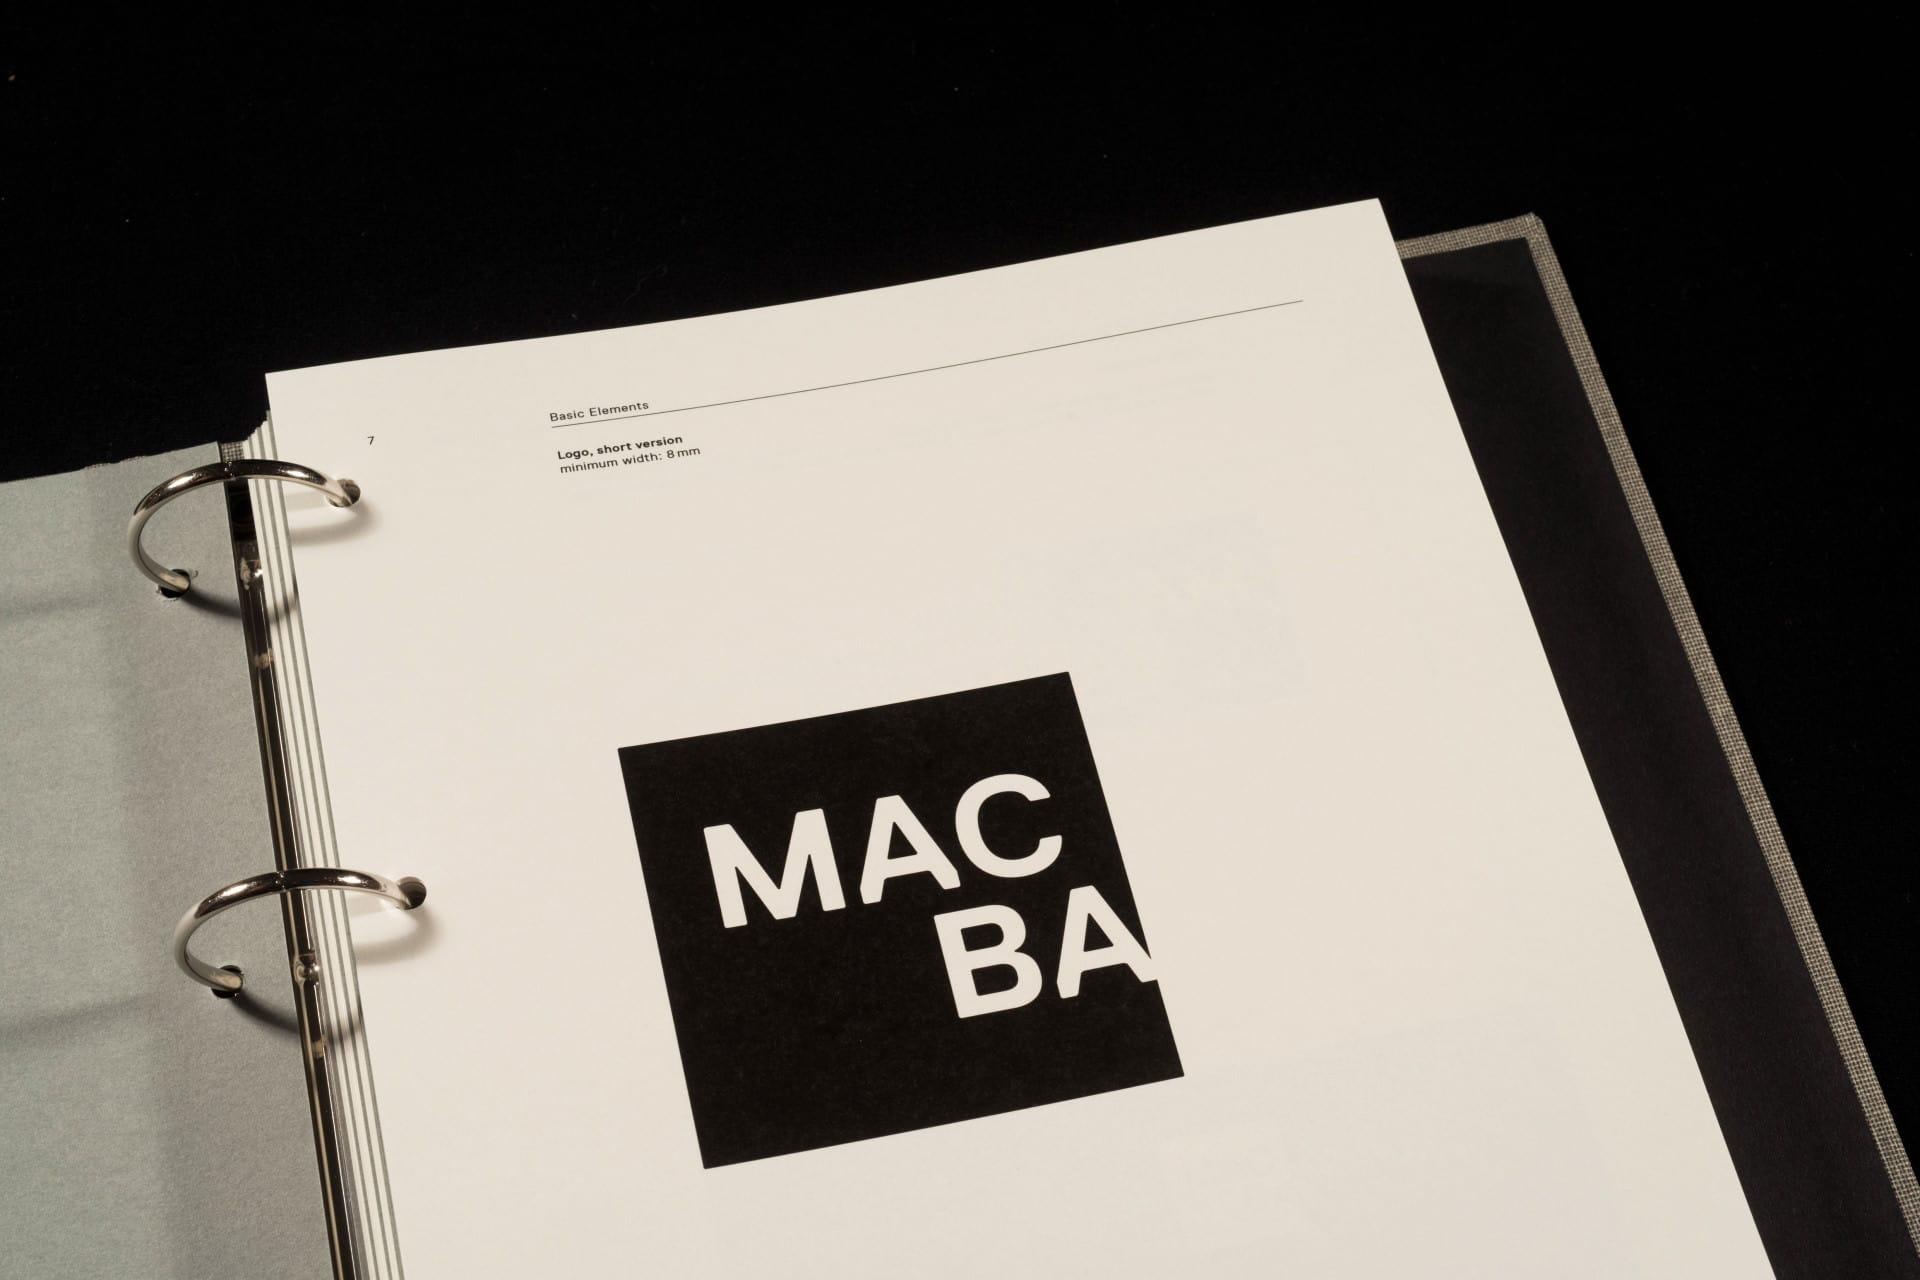 mstu_MACBA_01_DSC_7778